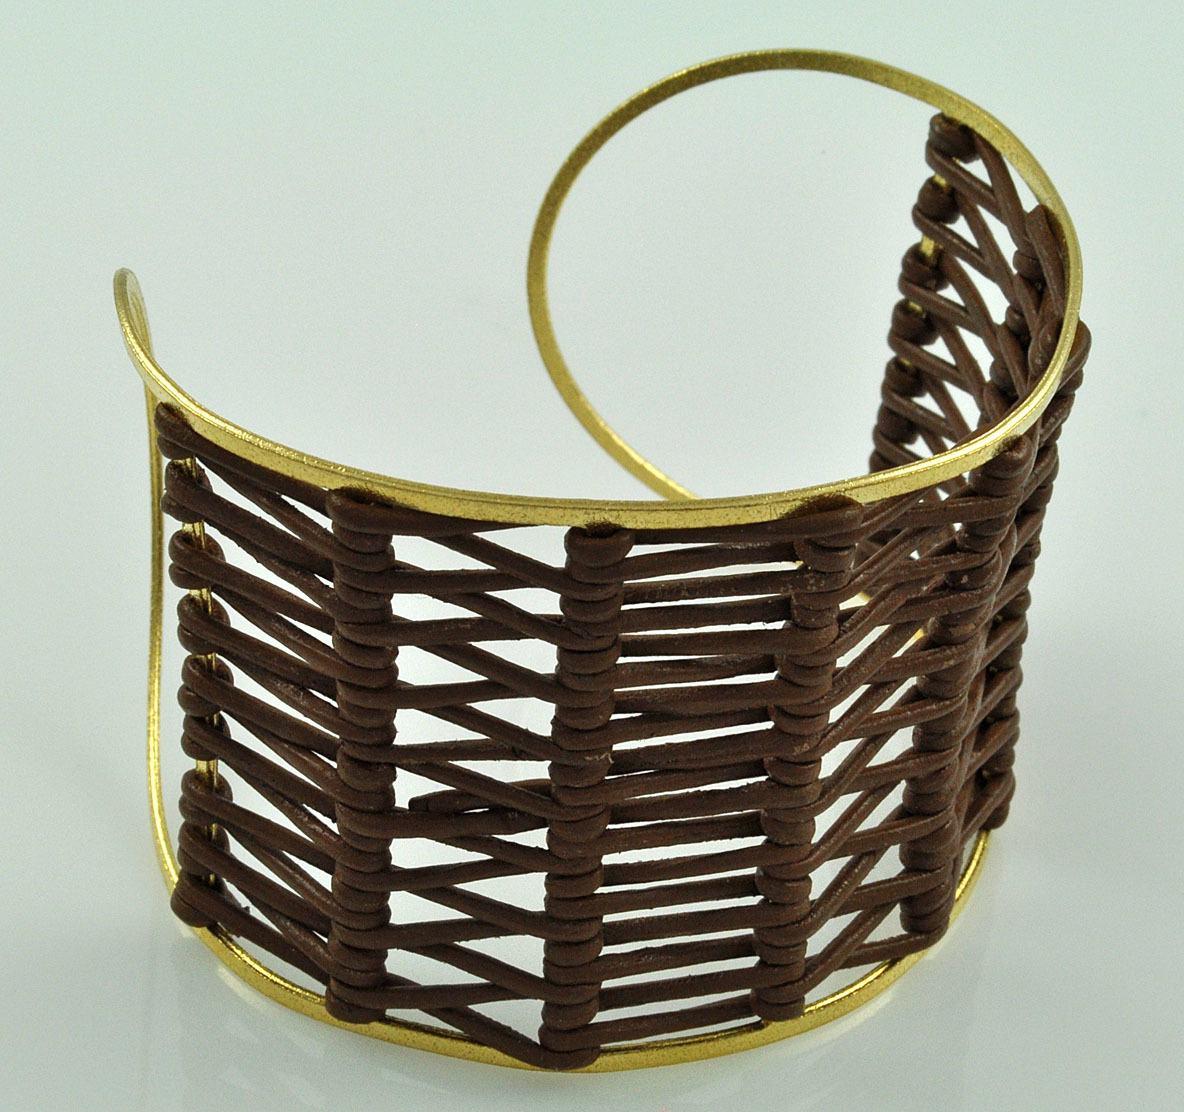 Bracelete Em Couro Legitimo E Banho De Ouro 18K